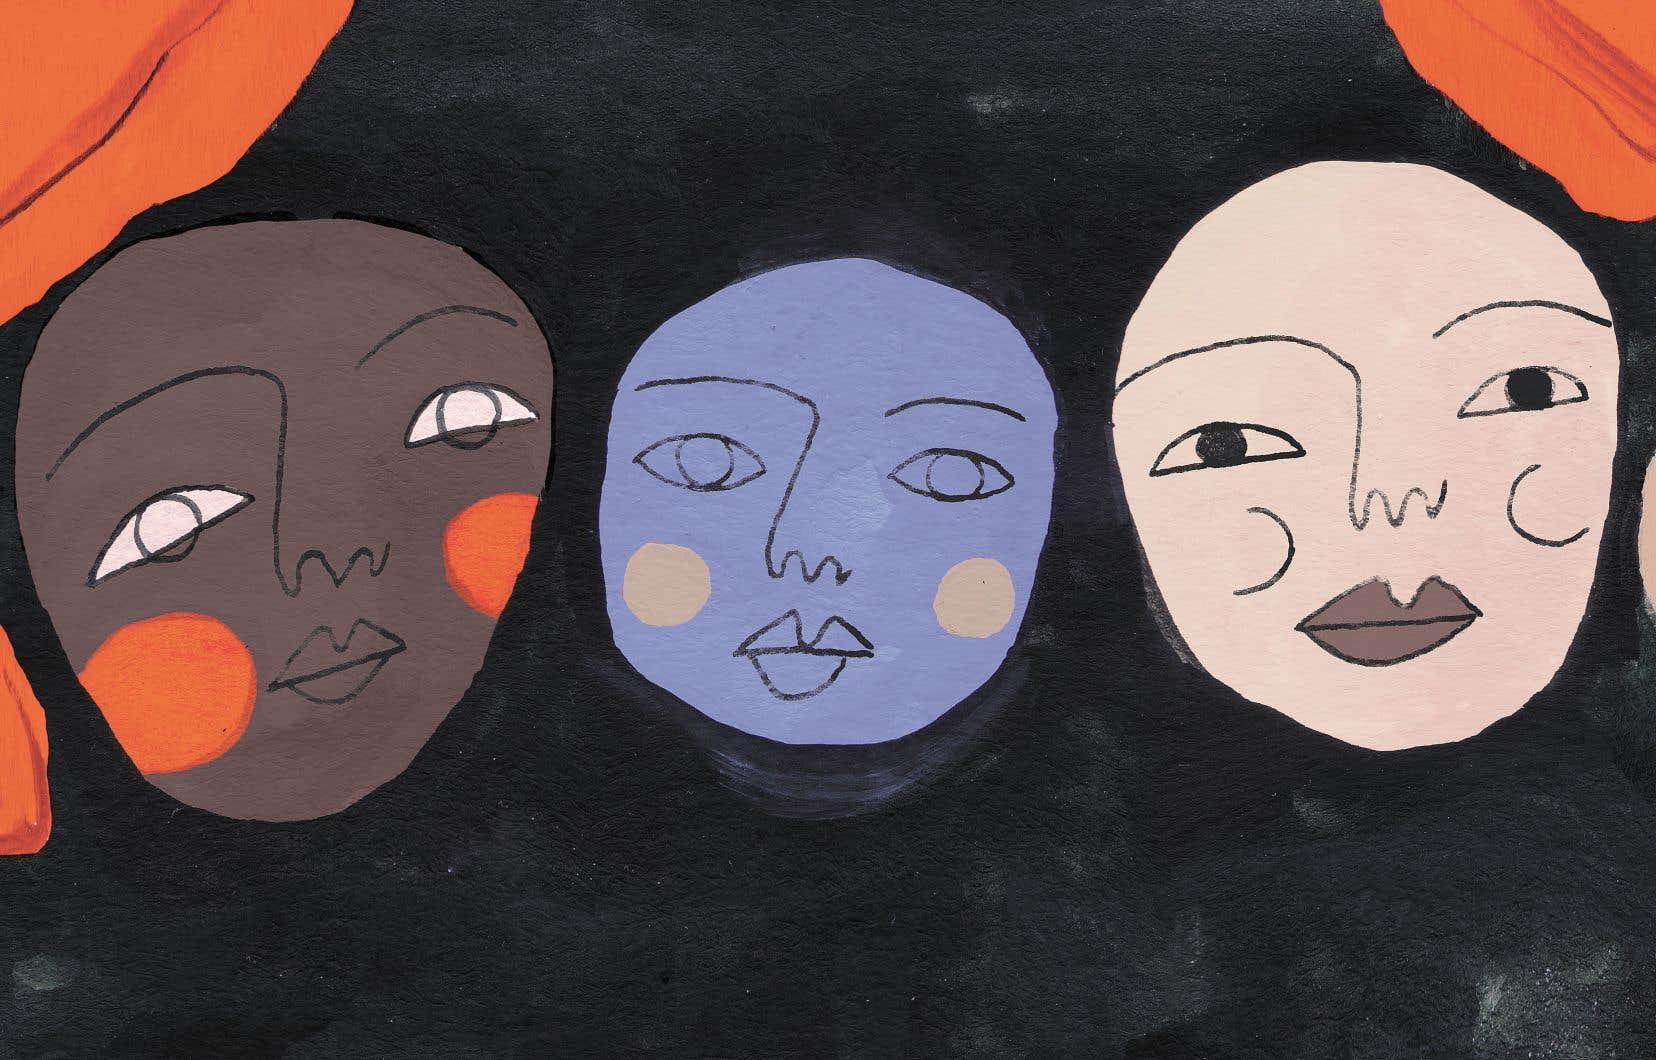 Le gouvernement canadien définit comme «minorité visible» toutes «personnes, autres que les Autochtones, qui ne sont pas de race blanche ou qui n'ont pas la peau blanche»— aux fins de l'exercice,«Le Devoir»a inclus les Autochtones. Mais c'est la seule couleur de la peau qui permet de distinguer les uns et les autres, et ce critèredemeure forcément subjectif.